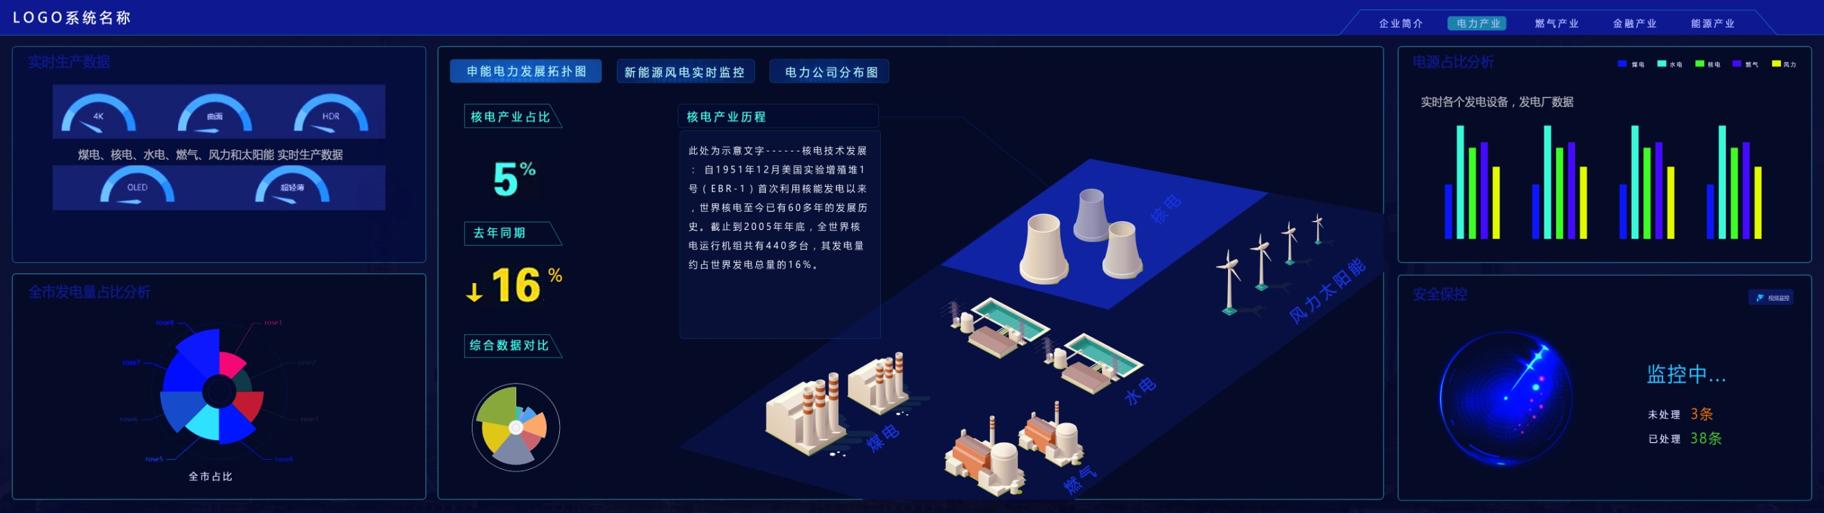 利亚德能源应急控制系统大屏界面设计-ui设计公司